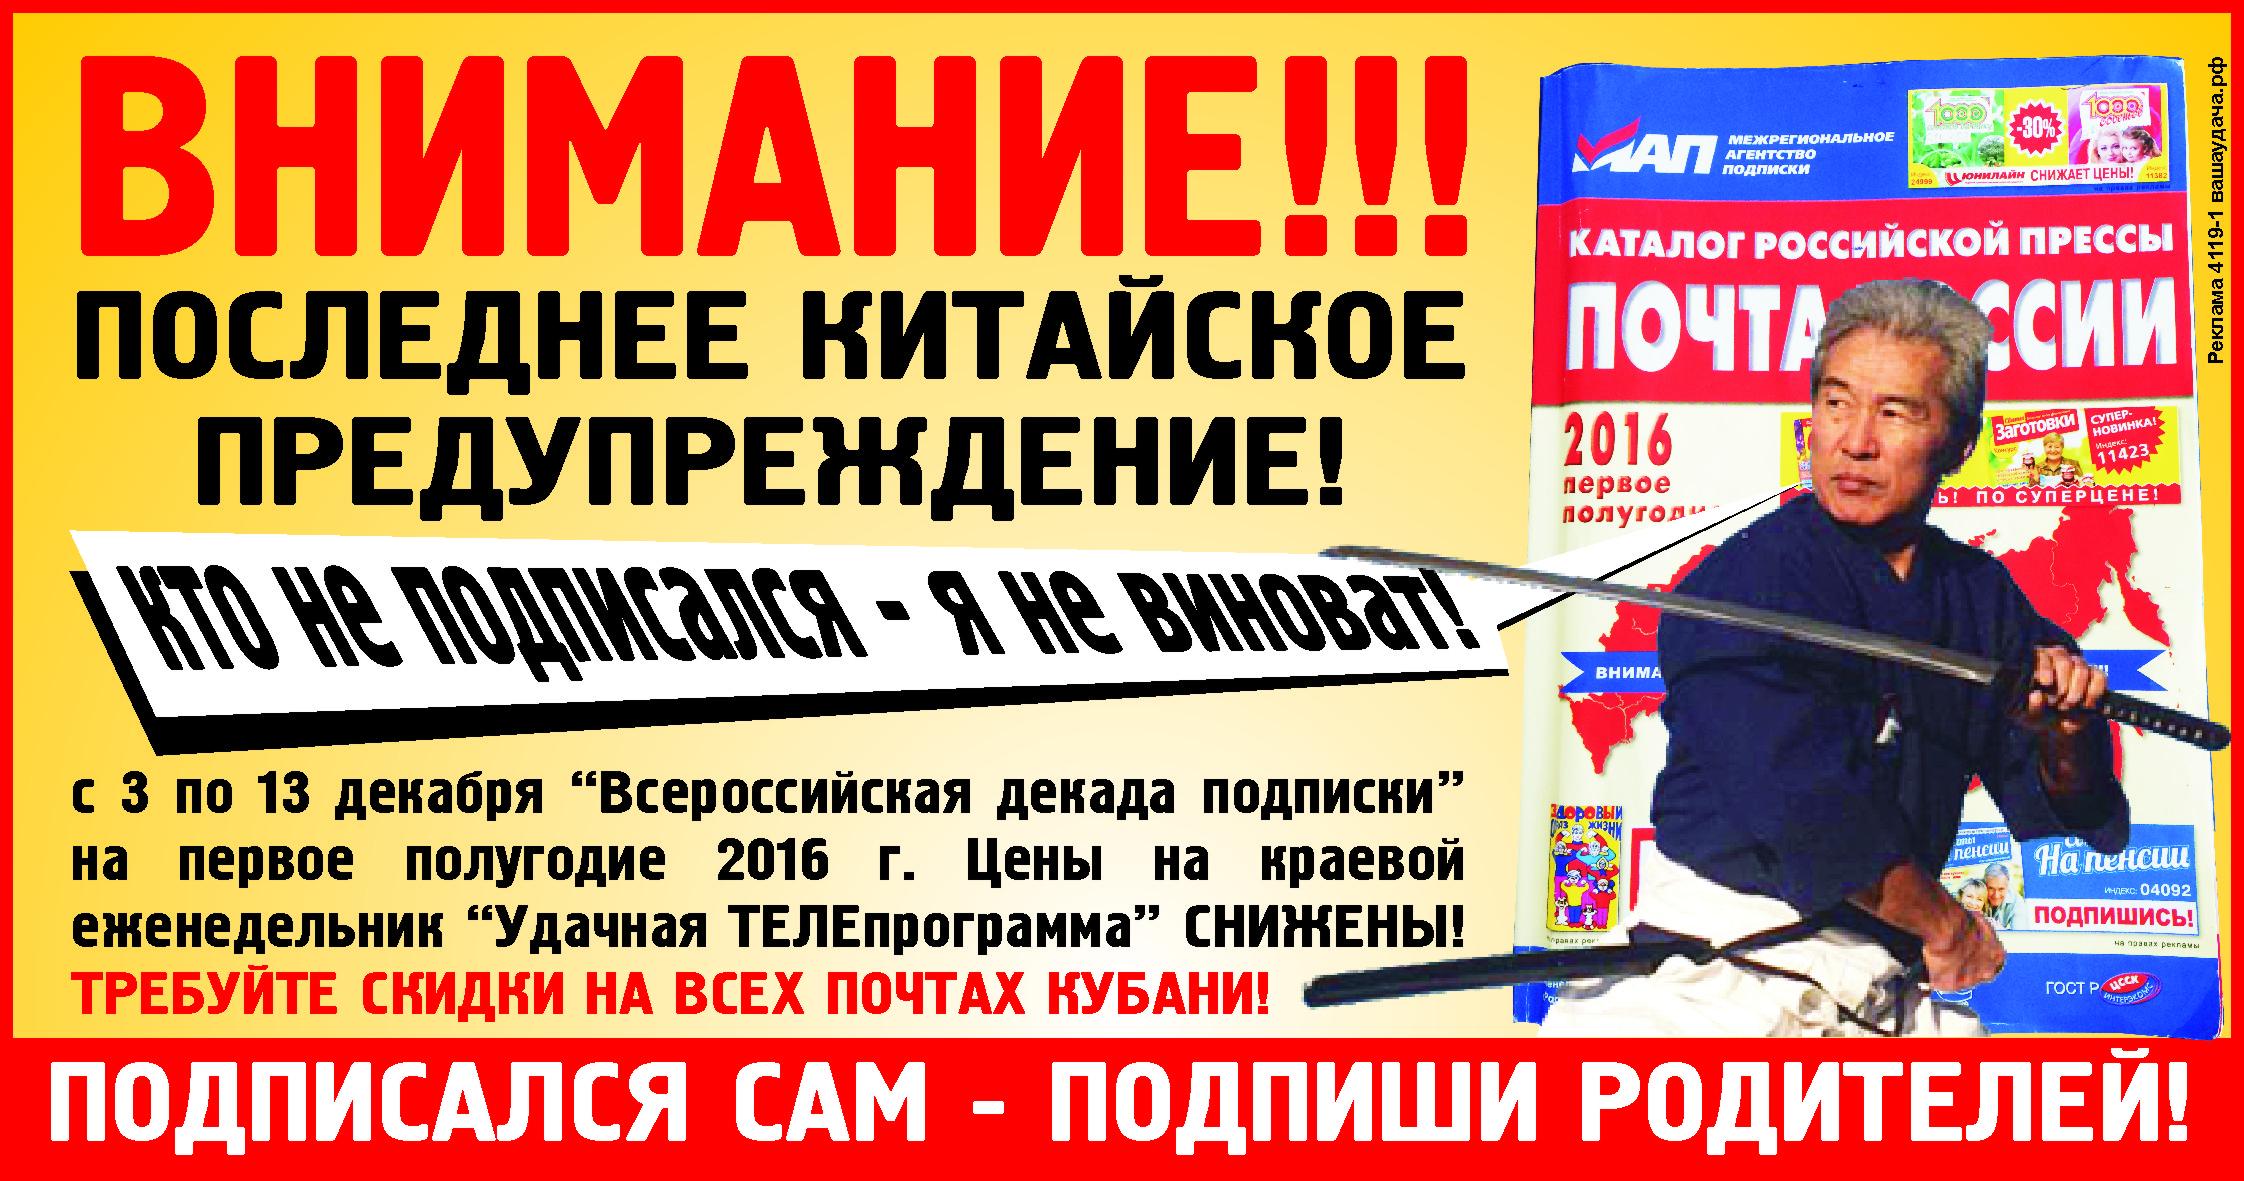 Всероссийская декада подписки 3-13 декабря 2015 года